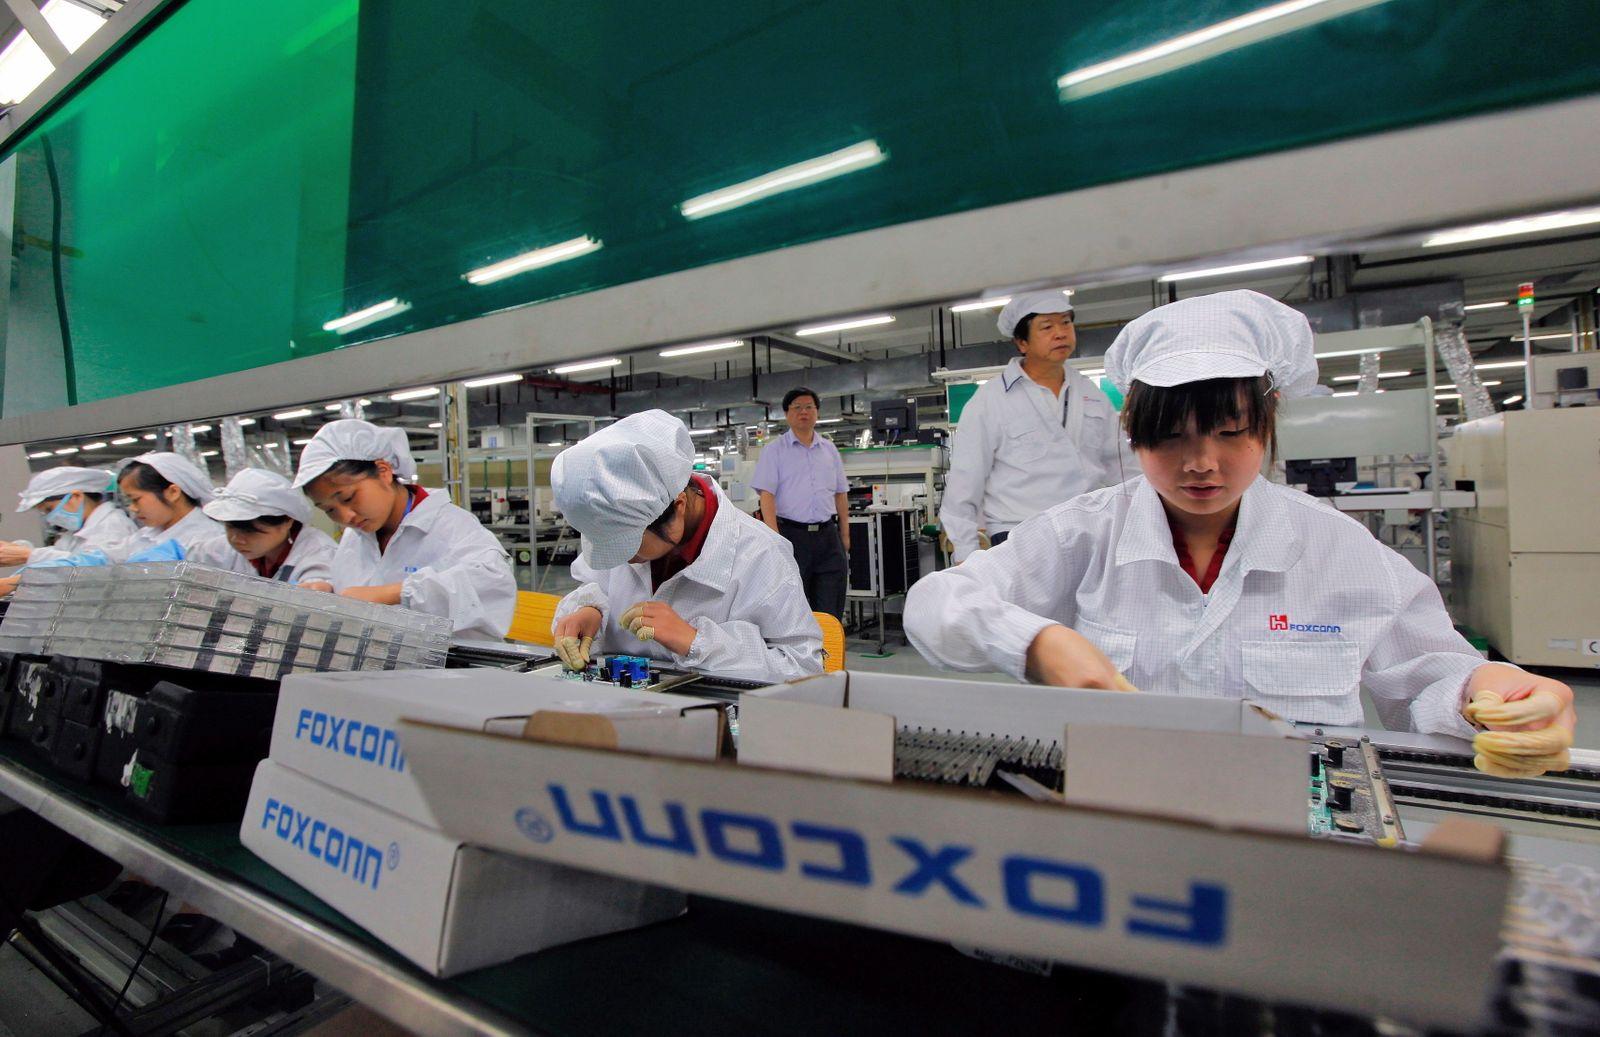 Foxconn I Phone China